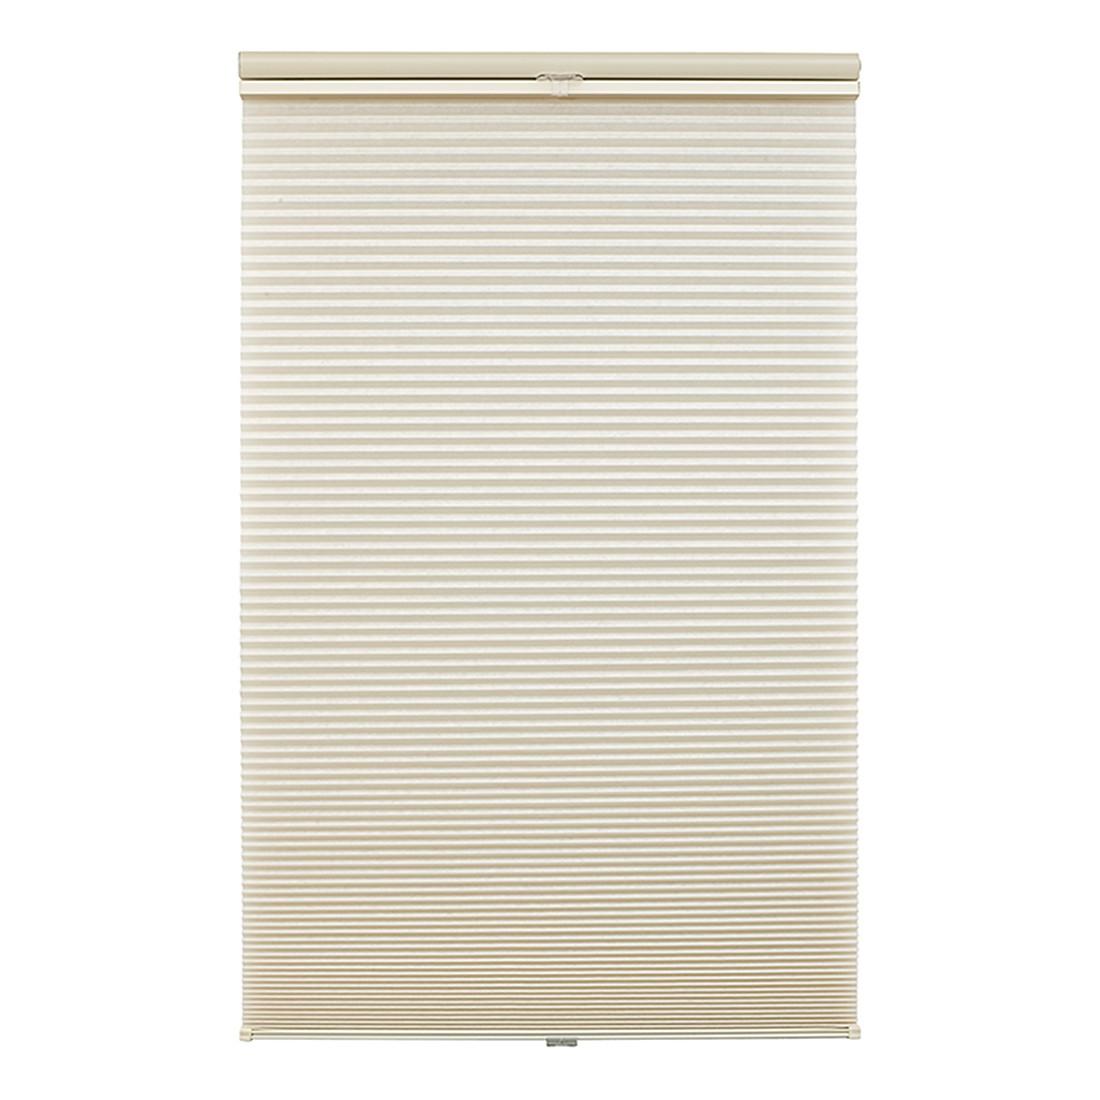 Plissee Klemmfix, Thermo – Polyester, Metall Beige – (H x B): 200 x 80 cm, Wohn-Guide günstig kaufen